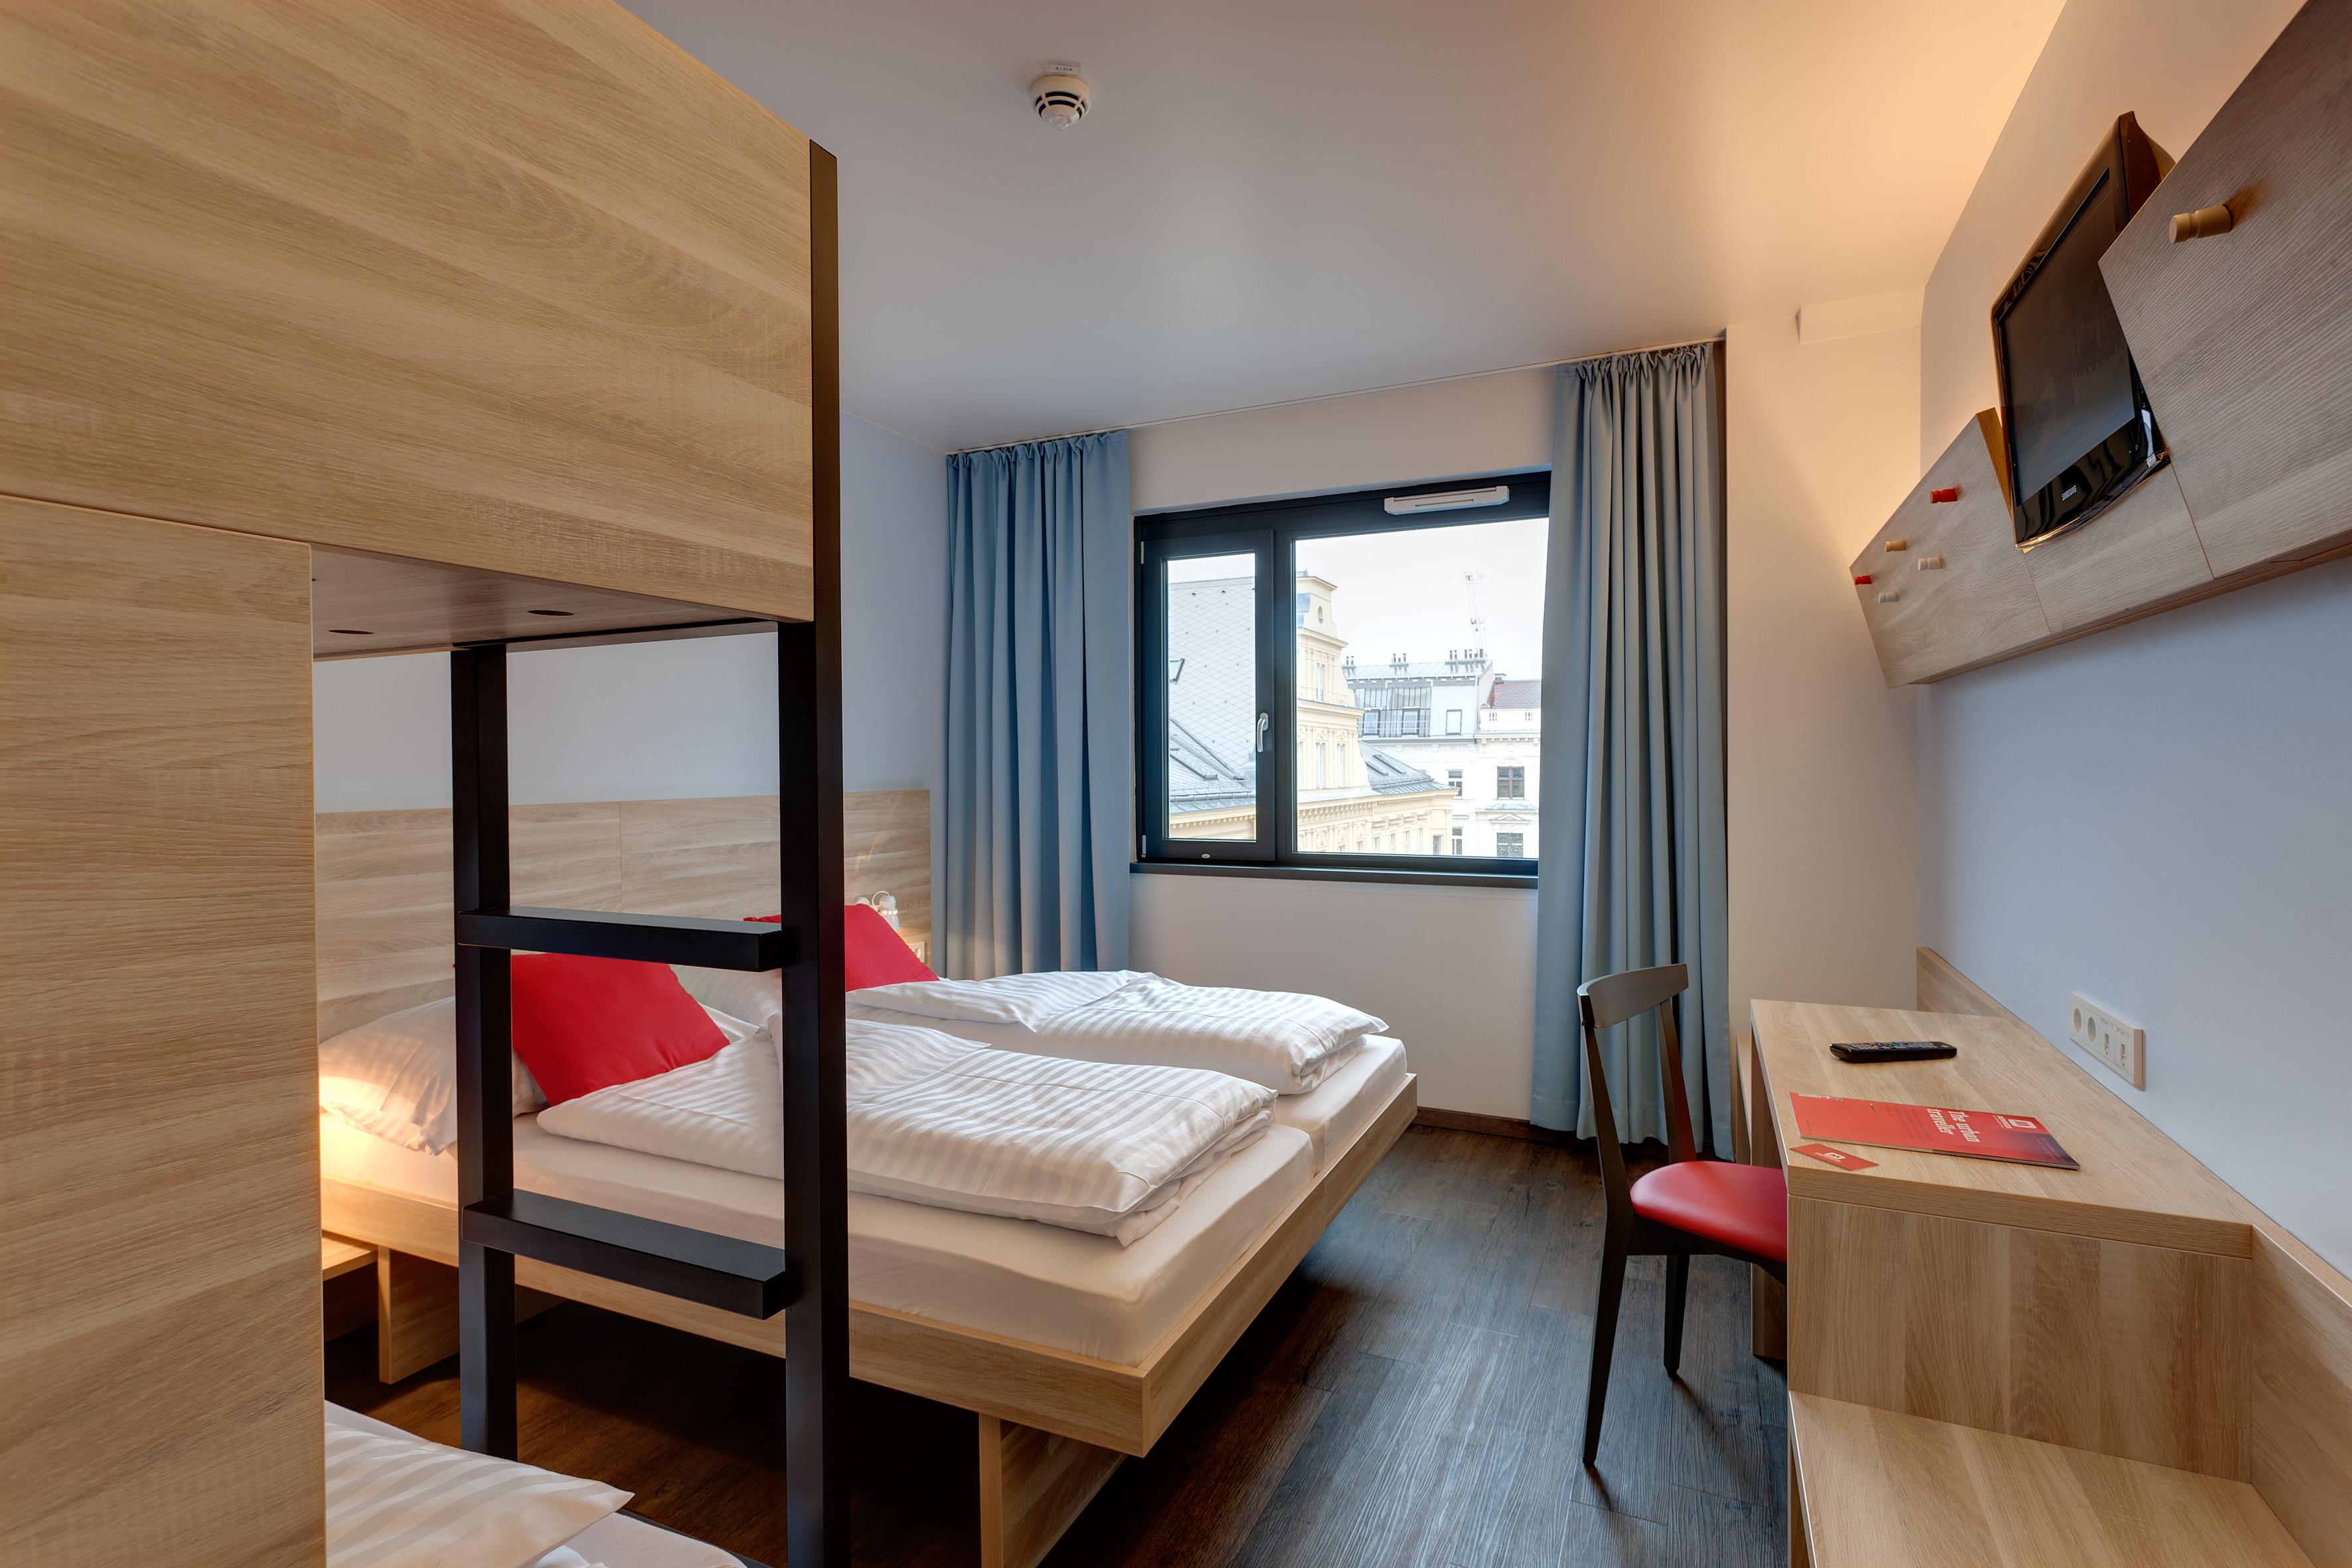 MEININGER Hotel Vienna Downtown Franz - Multi-bed